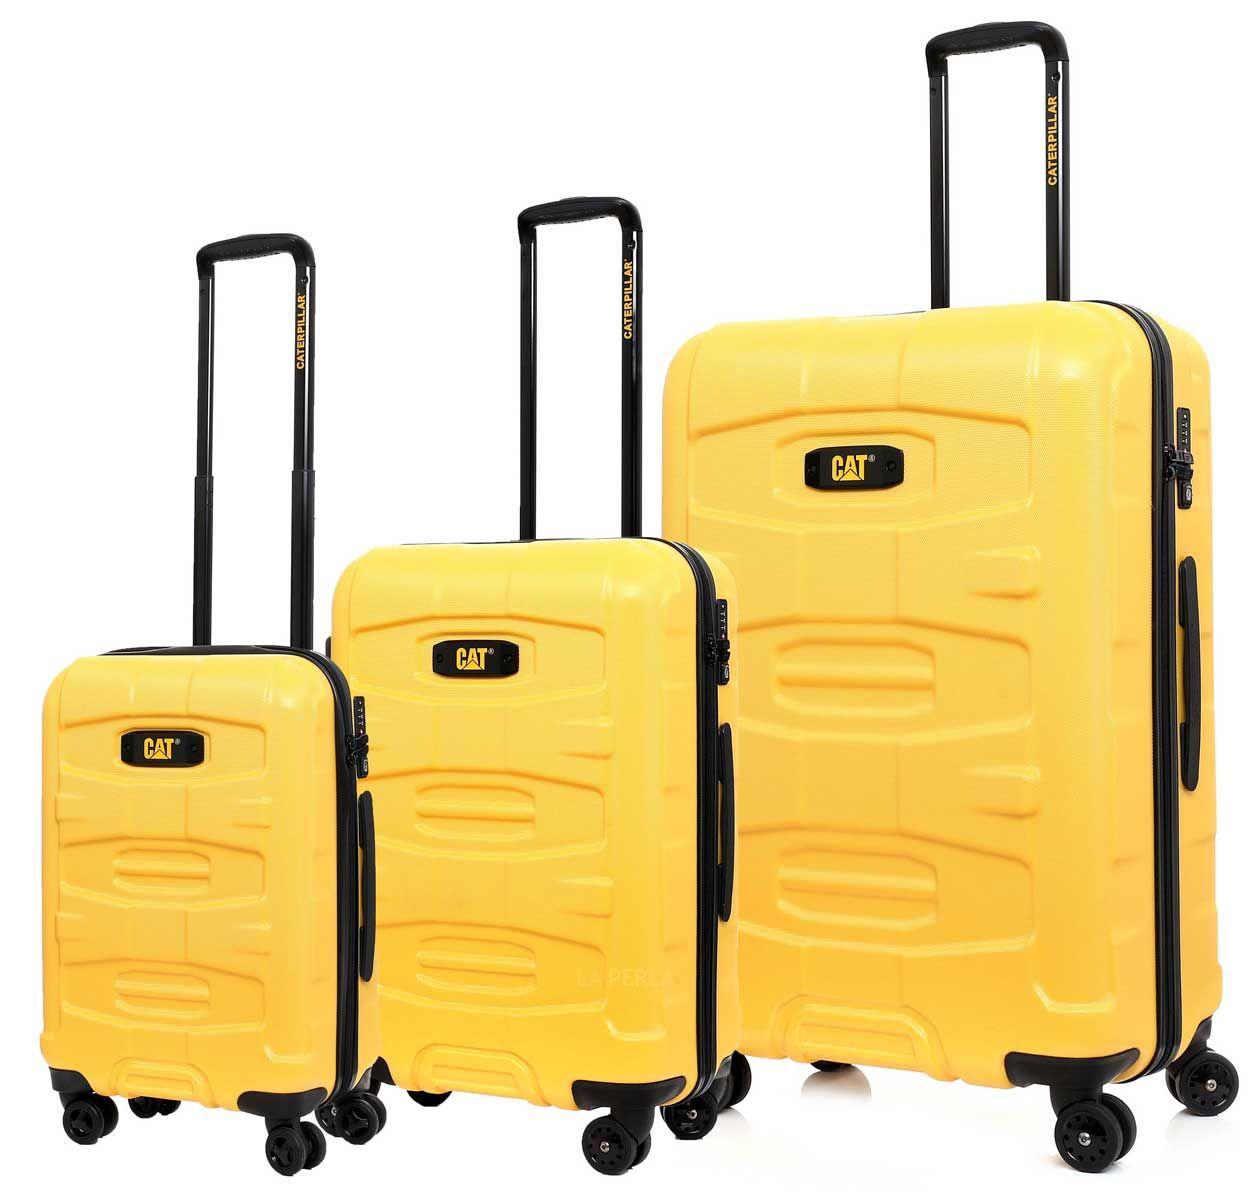 2e4f0a524e4db Komplet 3 walizek twardych (duża, średnia, mała) 4 kółka, poliwęglan ...